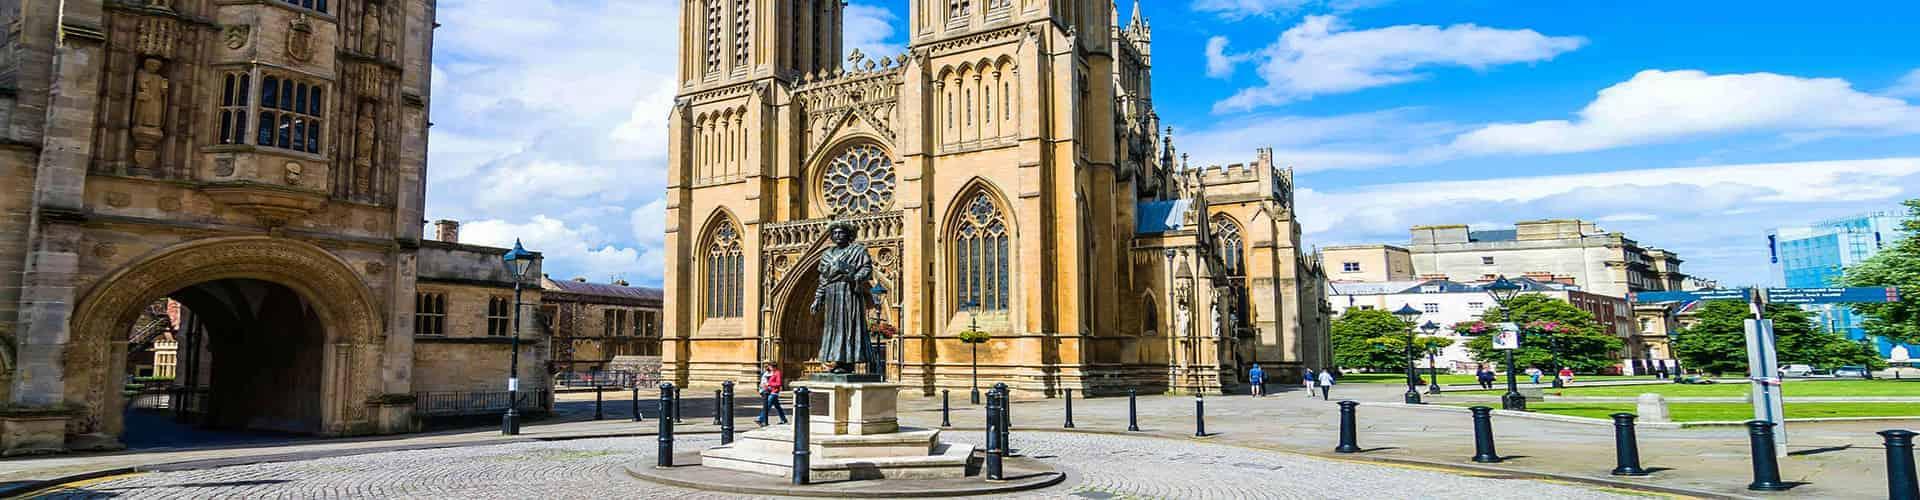 Free Tour Bristol - Turismo en Reino Unido